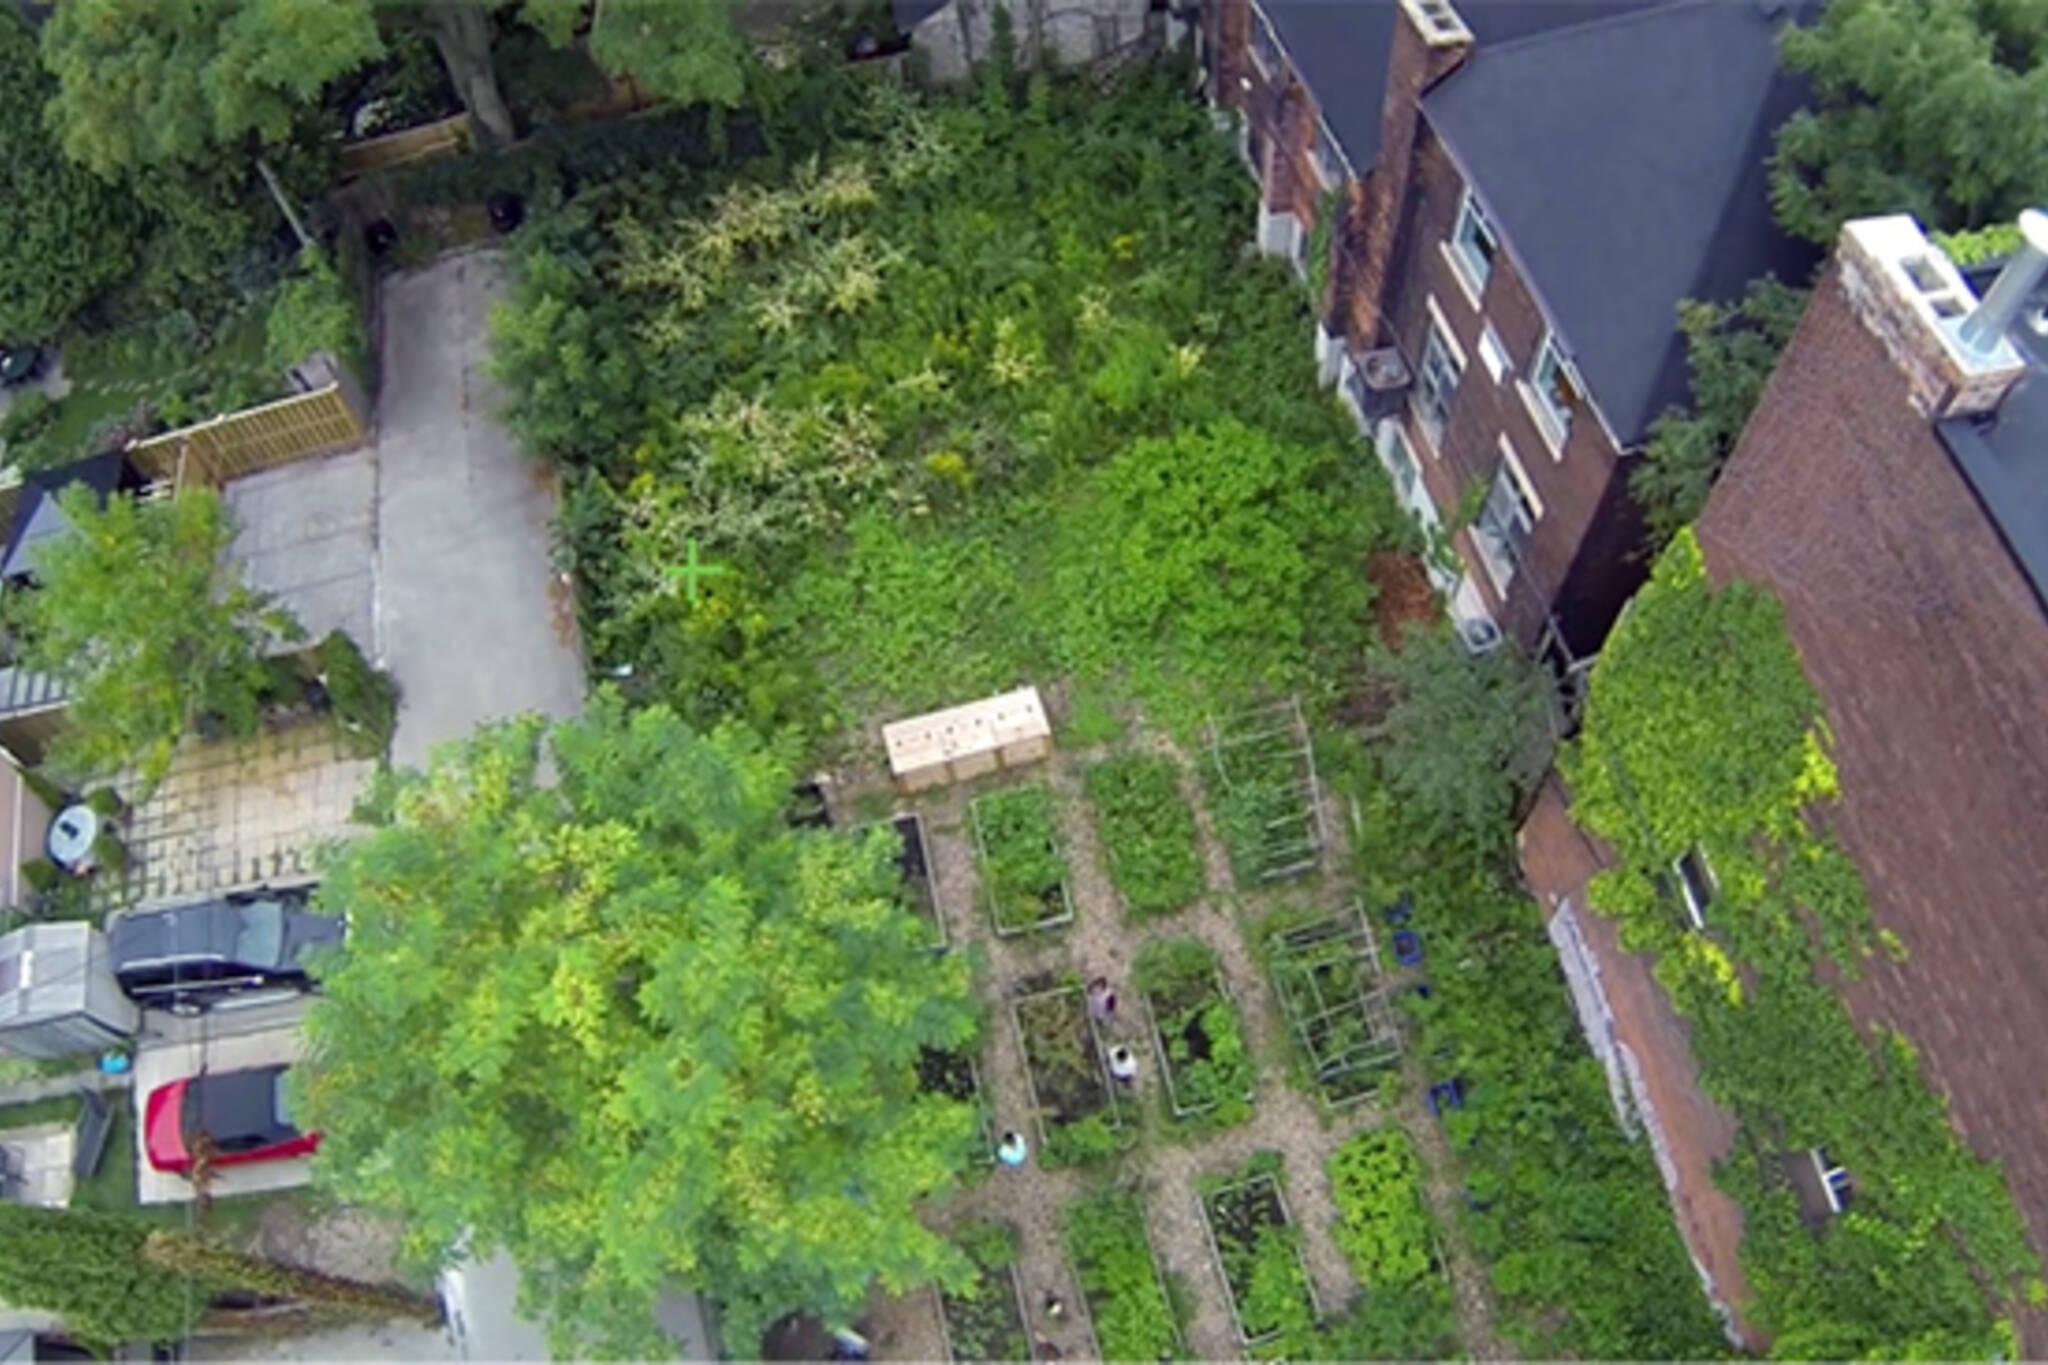 milky way public garden